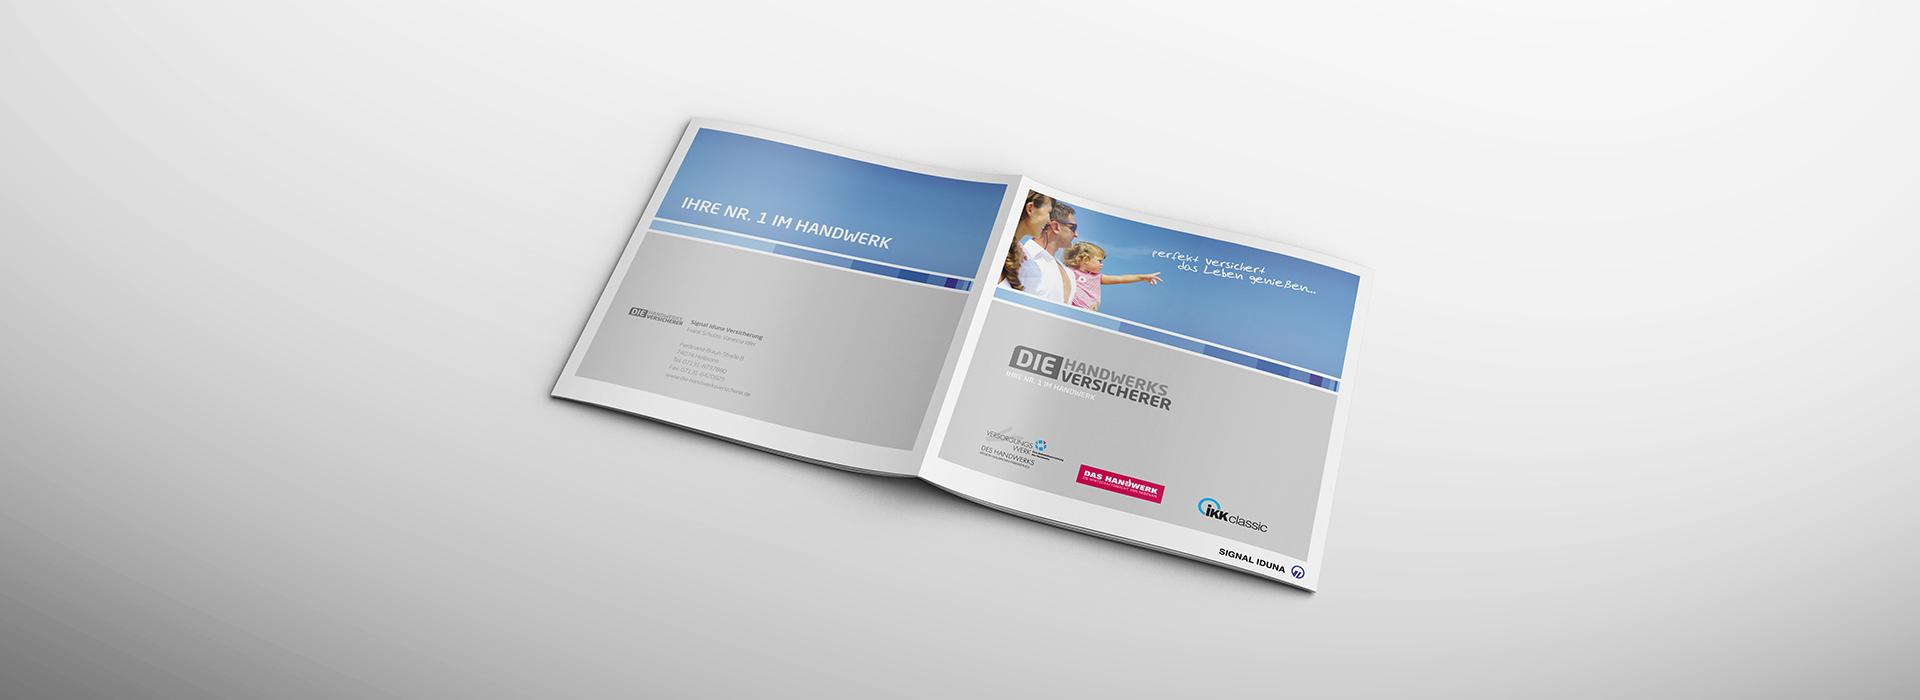 WESTHAUSER | DESIGN.STUDIO – Flyer Gemeinderatswahl